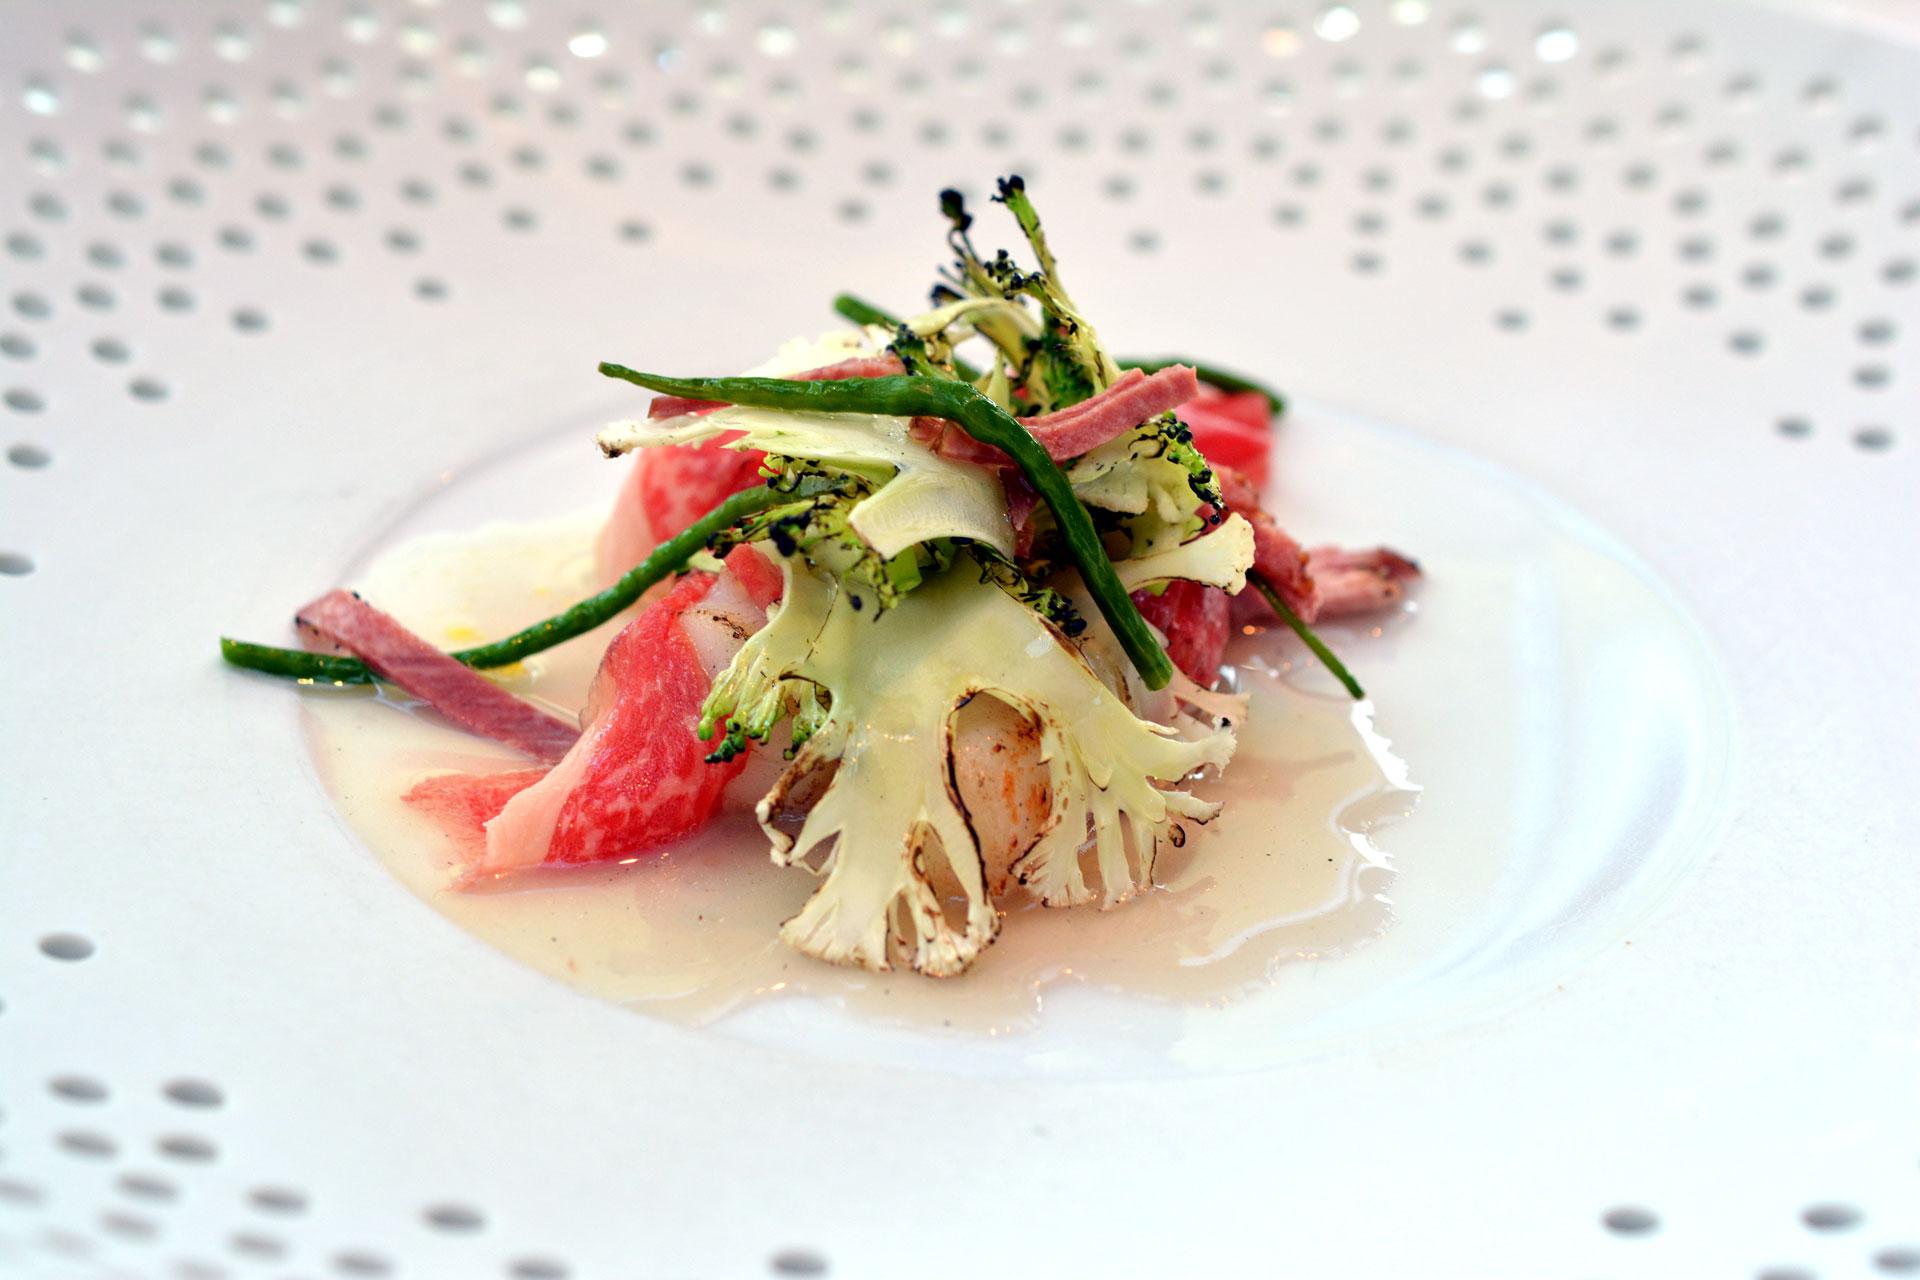 Ochsenmaulsalat: Kobe Beef & Kamm-Muscheln, Rapssprossen & Fichtenwipferl, Violetter Karfiol & Brokkoli